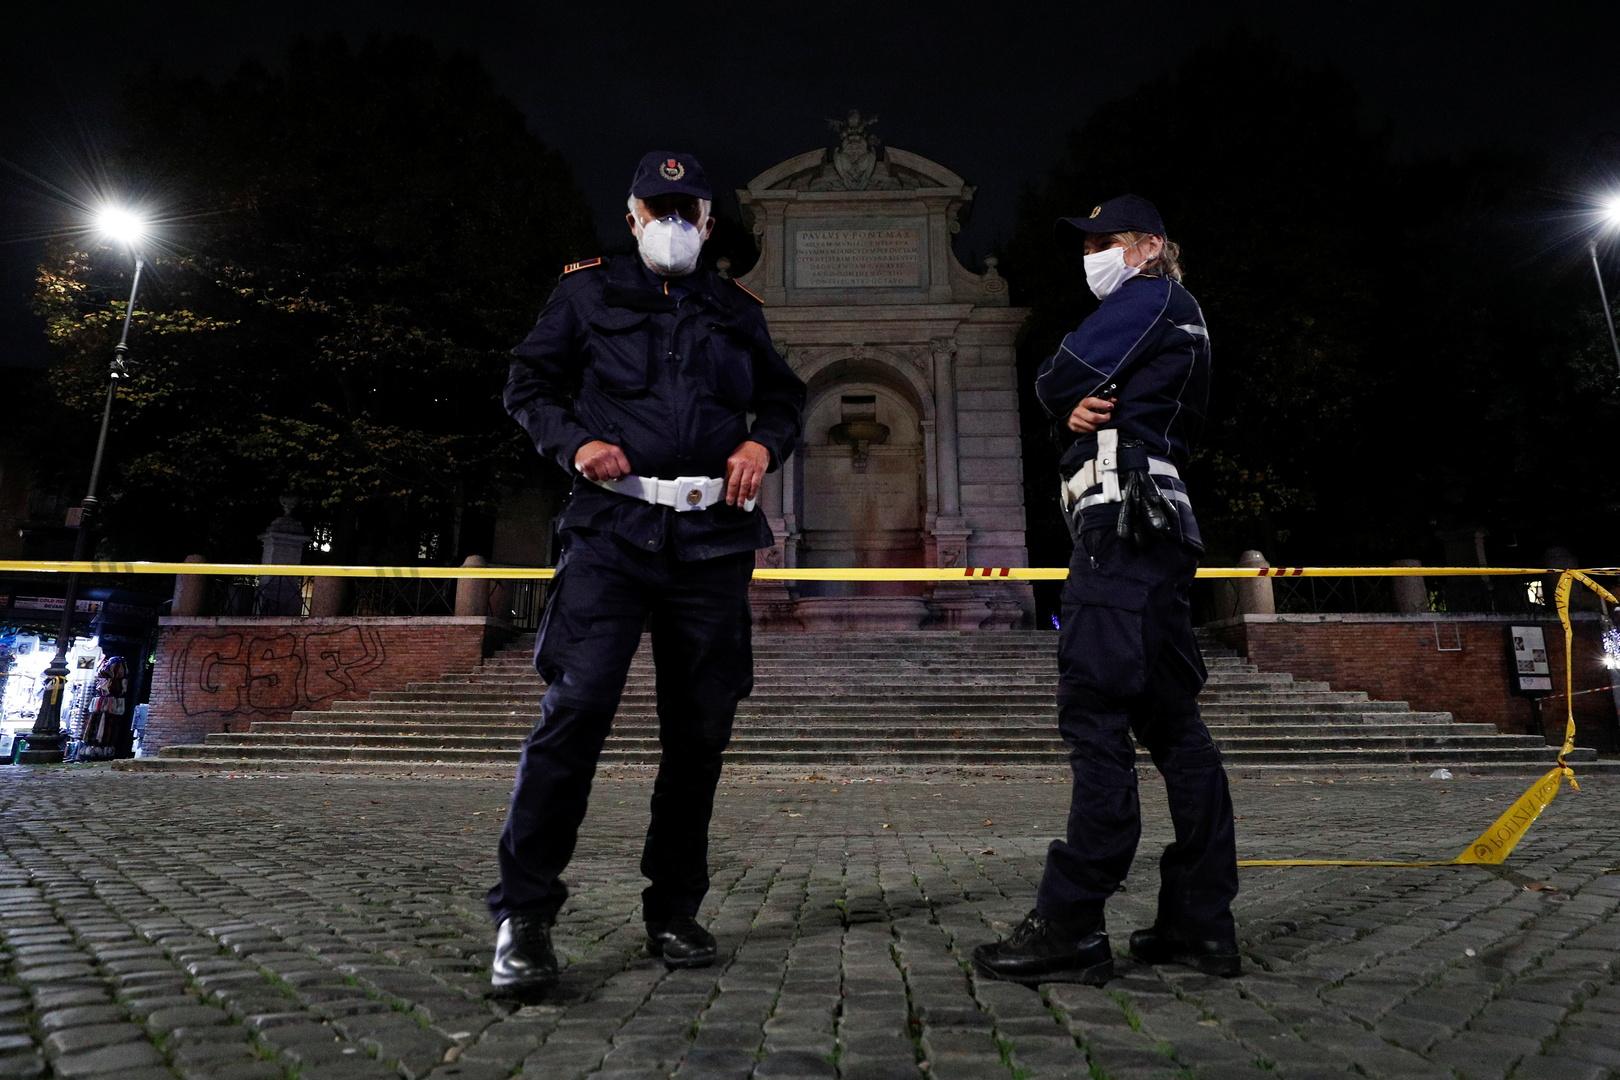 الشرطة الإيطالية تعتقل رجلا رومانيا يزعم تورطه  في قضية